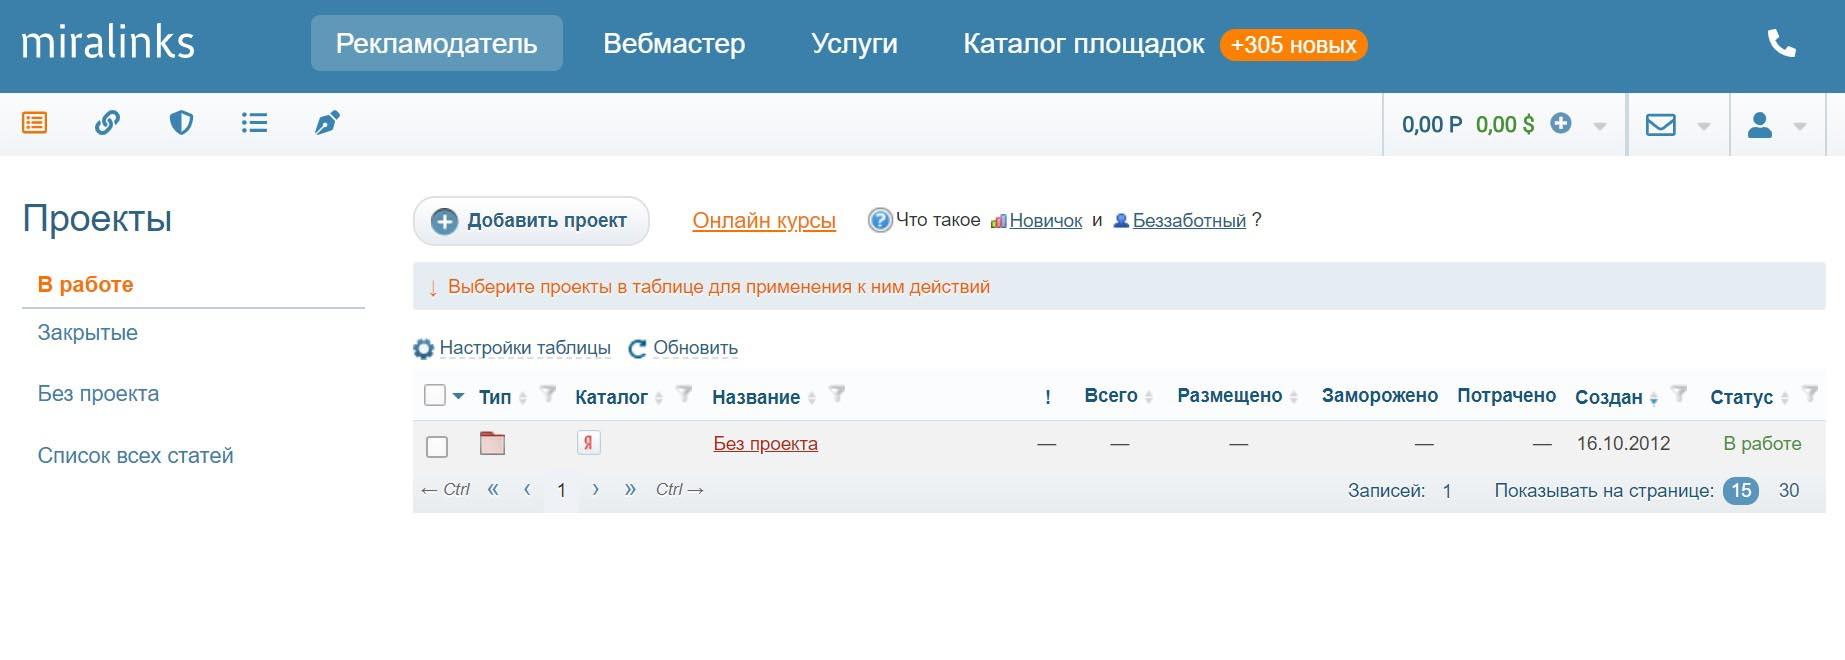 Miralinks – сервис статейного маркетинга